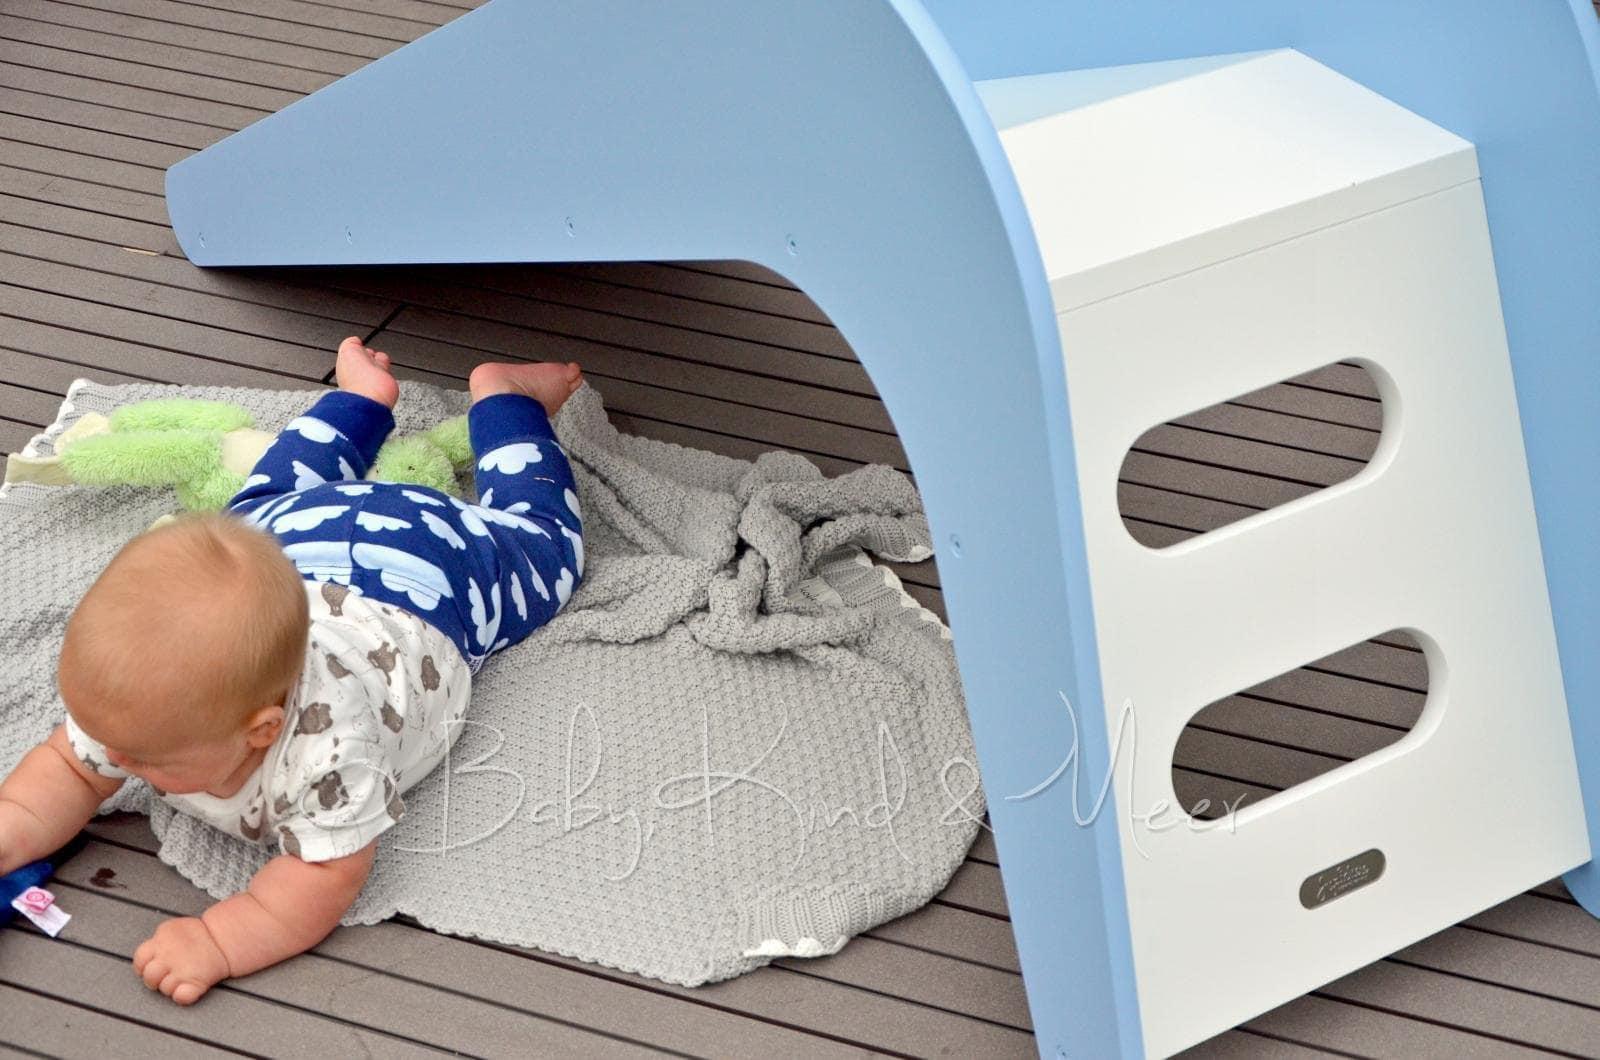 allerlei4kids jupiduu kinderrutsche verlosung spielzeug baby kind und meer. Black Bedroom Furniture Sets. Home Design Ideas